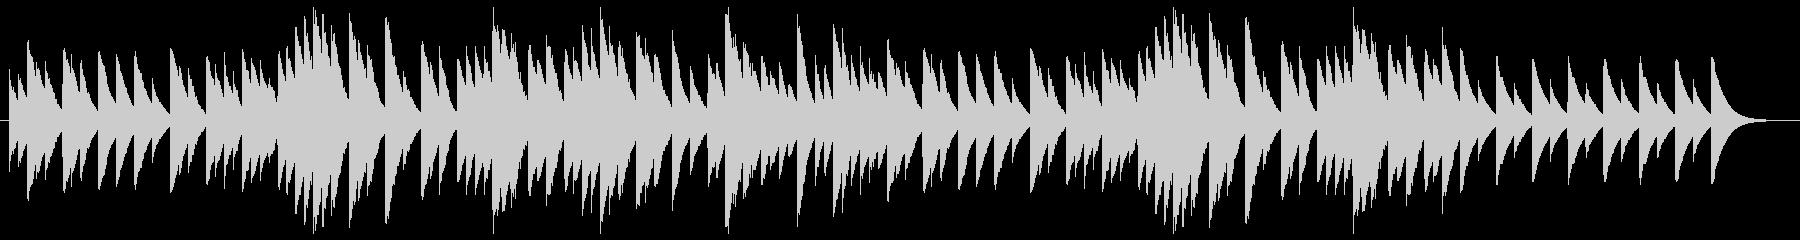 ミステリーのオルゴールのようなサウンドの未再生の波形